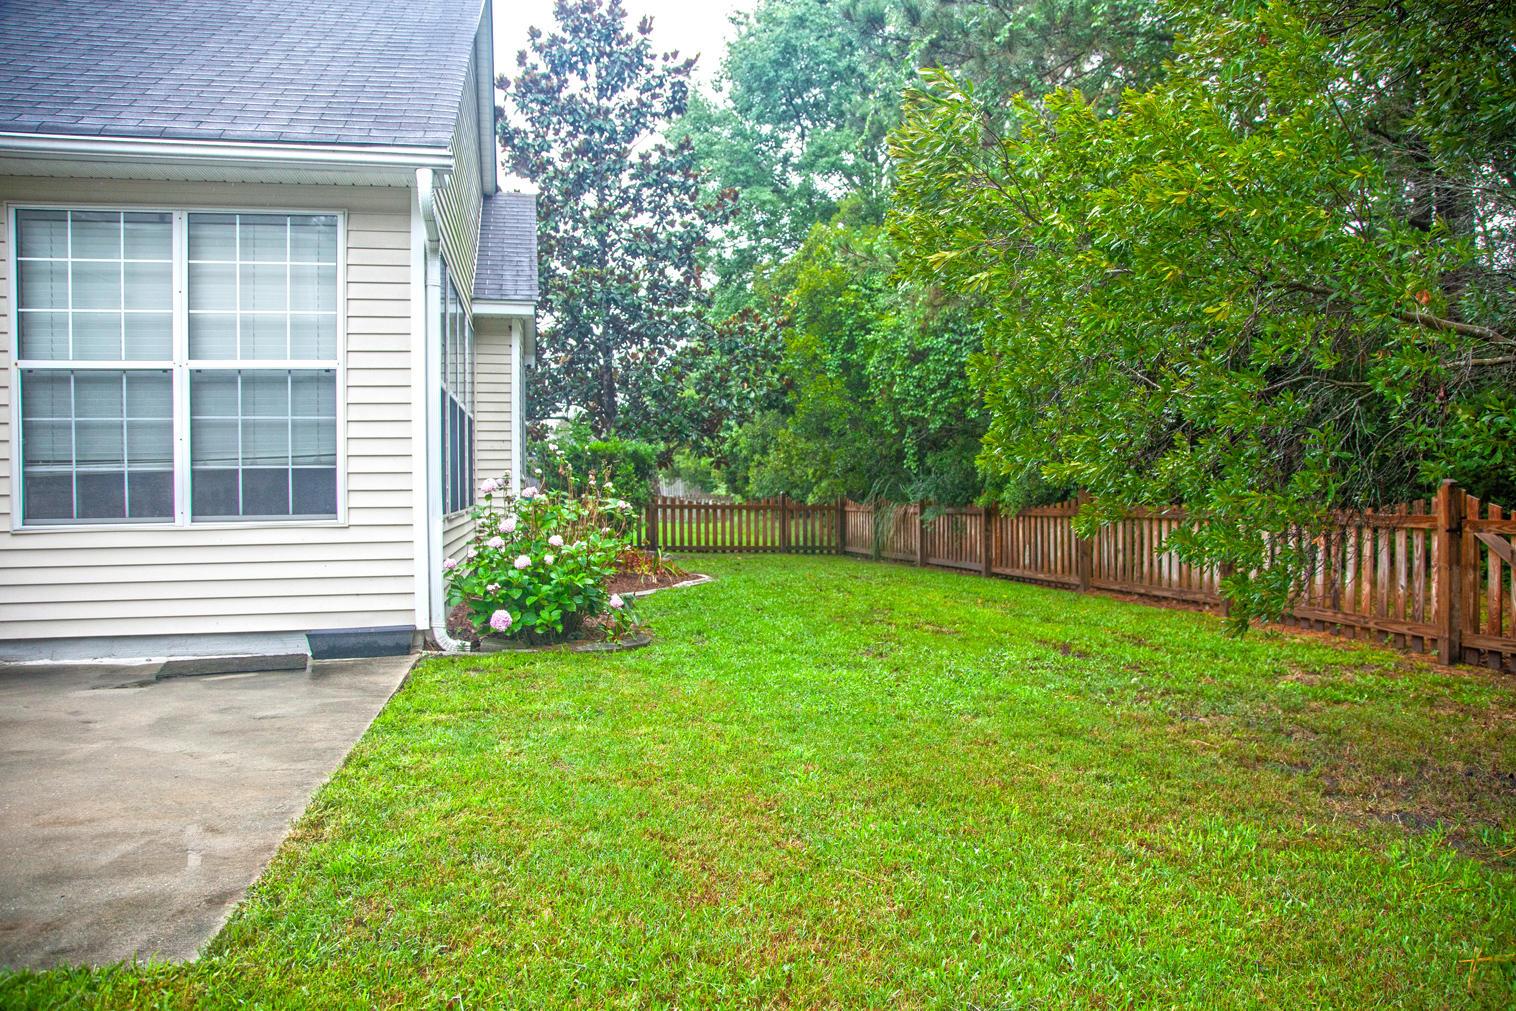 Park West Homes For Sale - 3190 John Bartram Place, Mount Pleasant, SC - 23